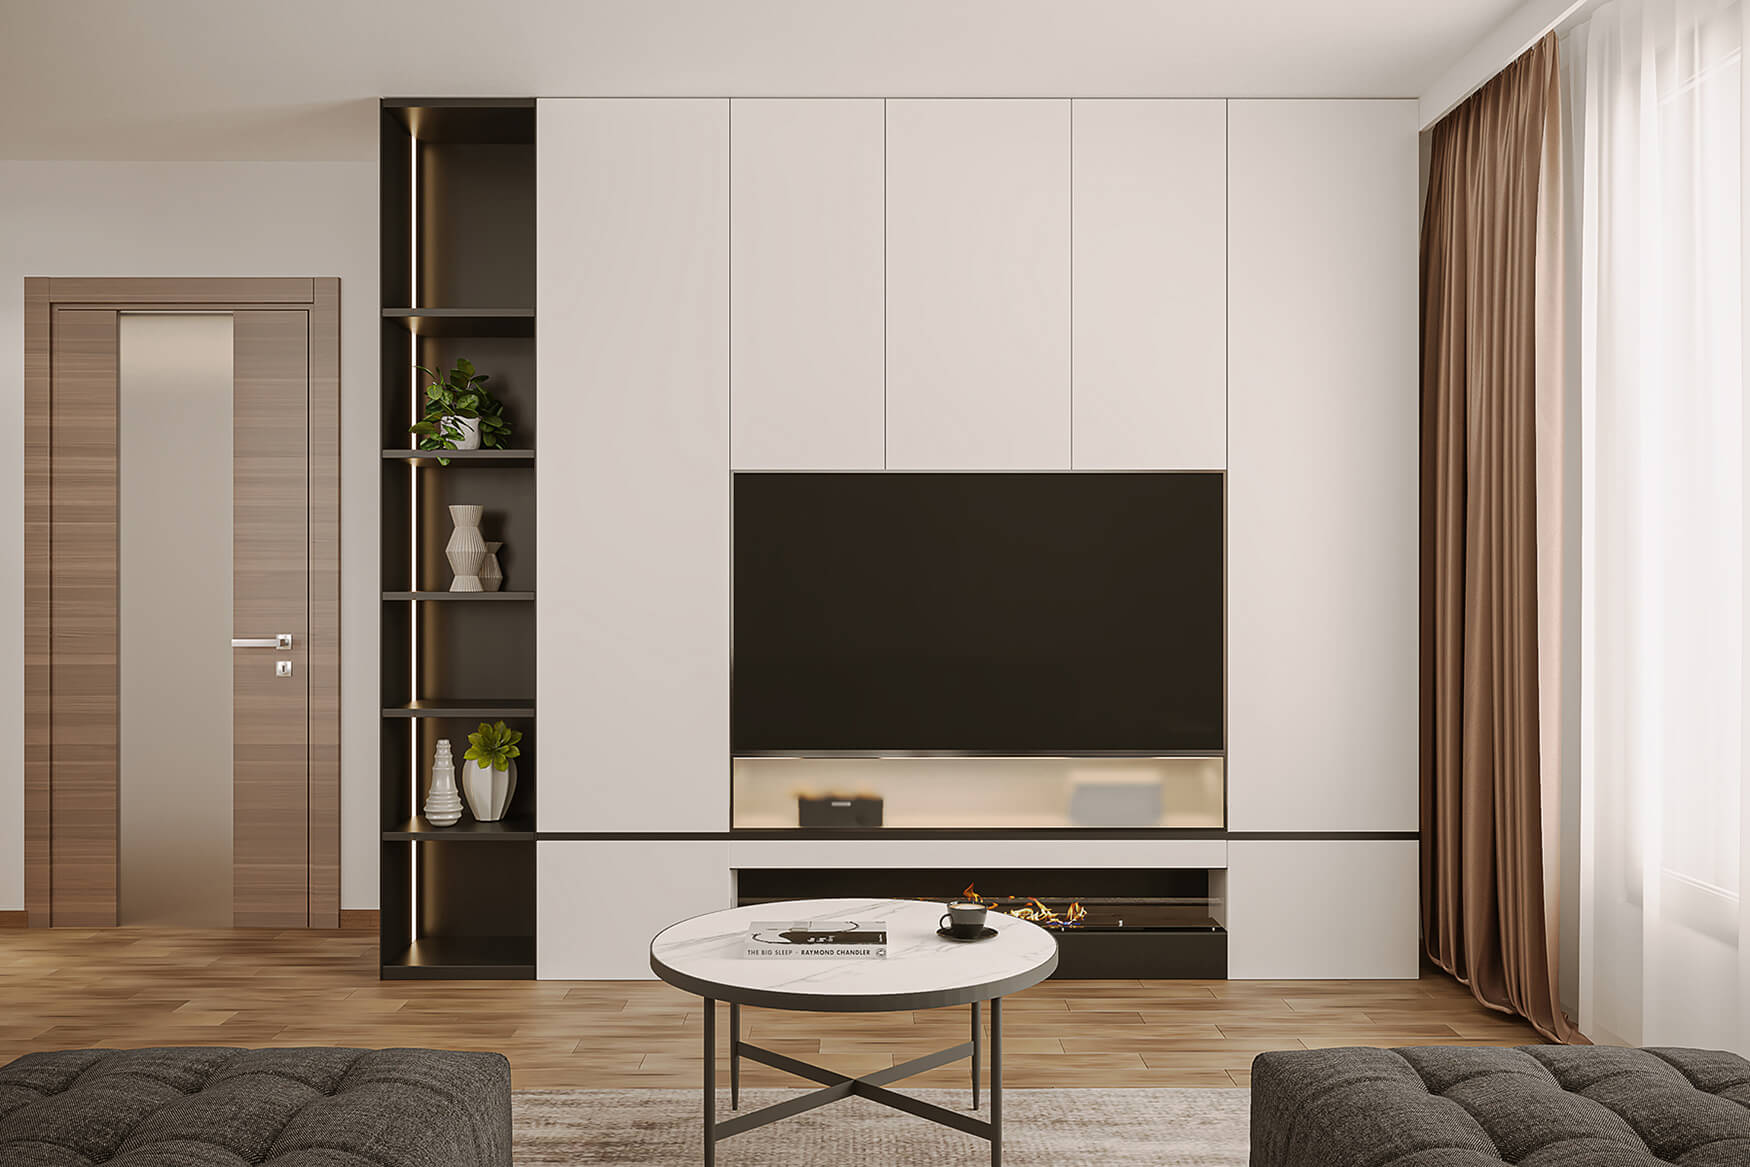 interioren-dizain-proekt-na-vsekidnevna-s-homeoffice